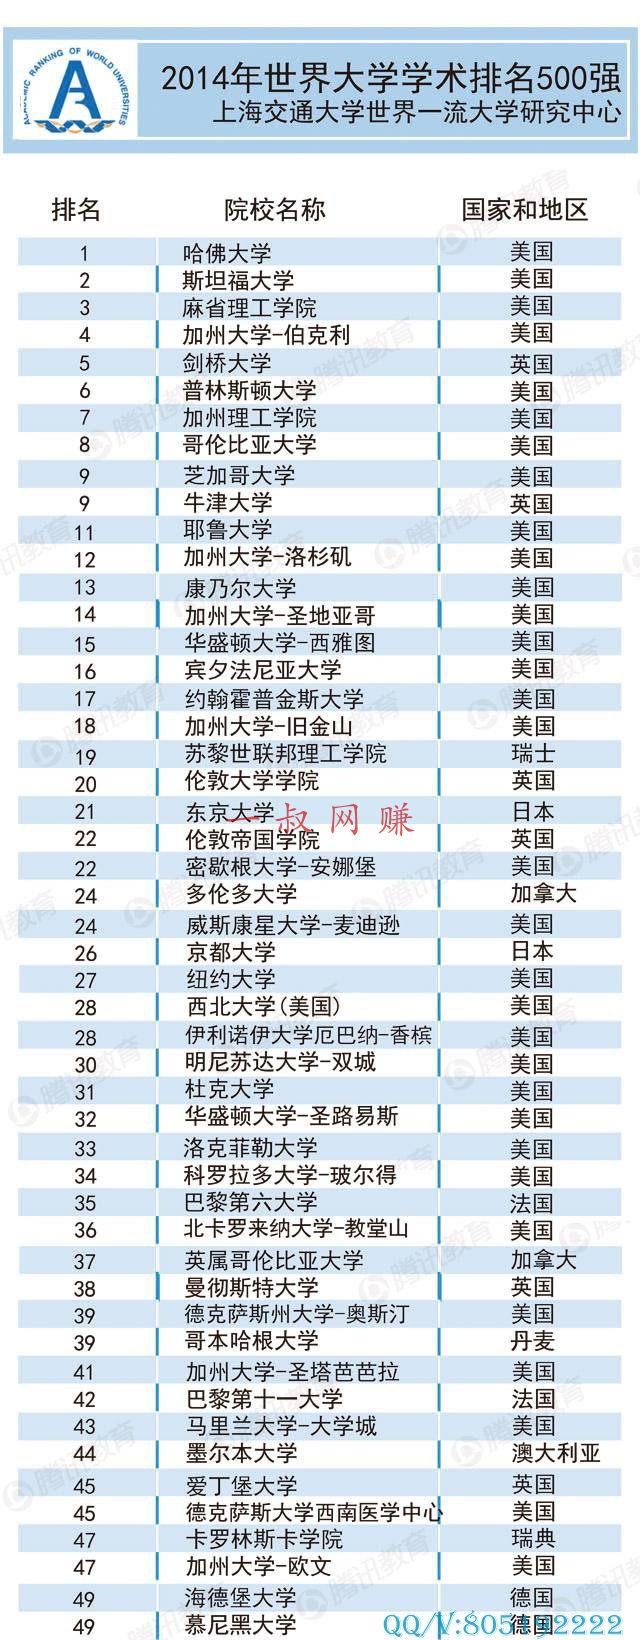 在农村干什么挣钱,白天下班后晚上可以做什么兼职 _ 世界大学排名 500 强公布 中国无校进百强插图